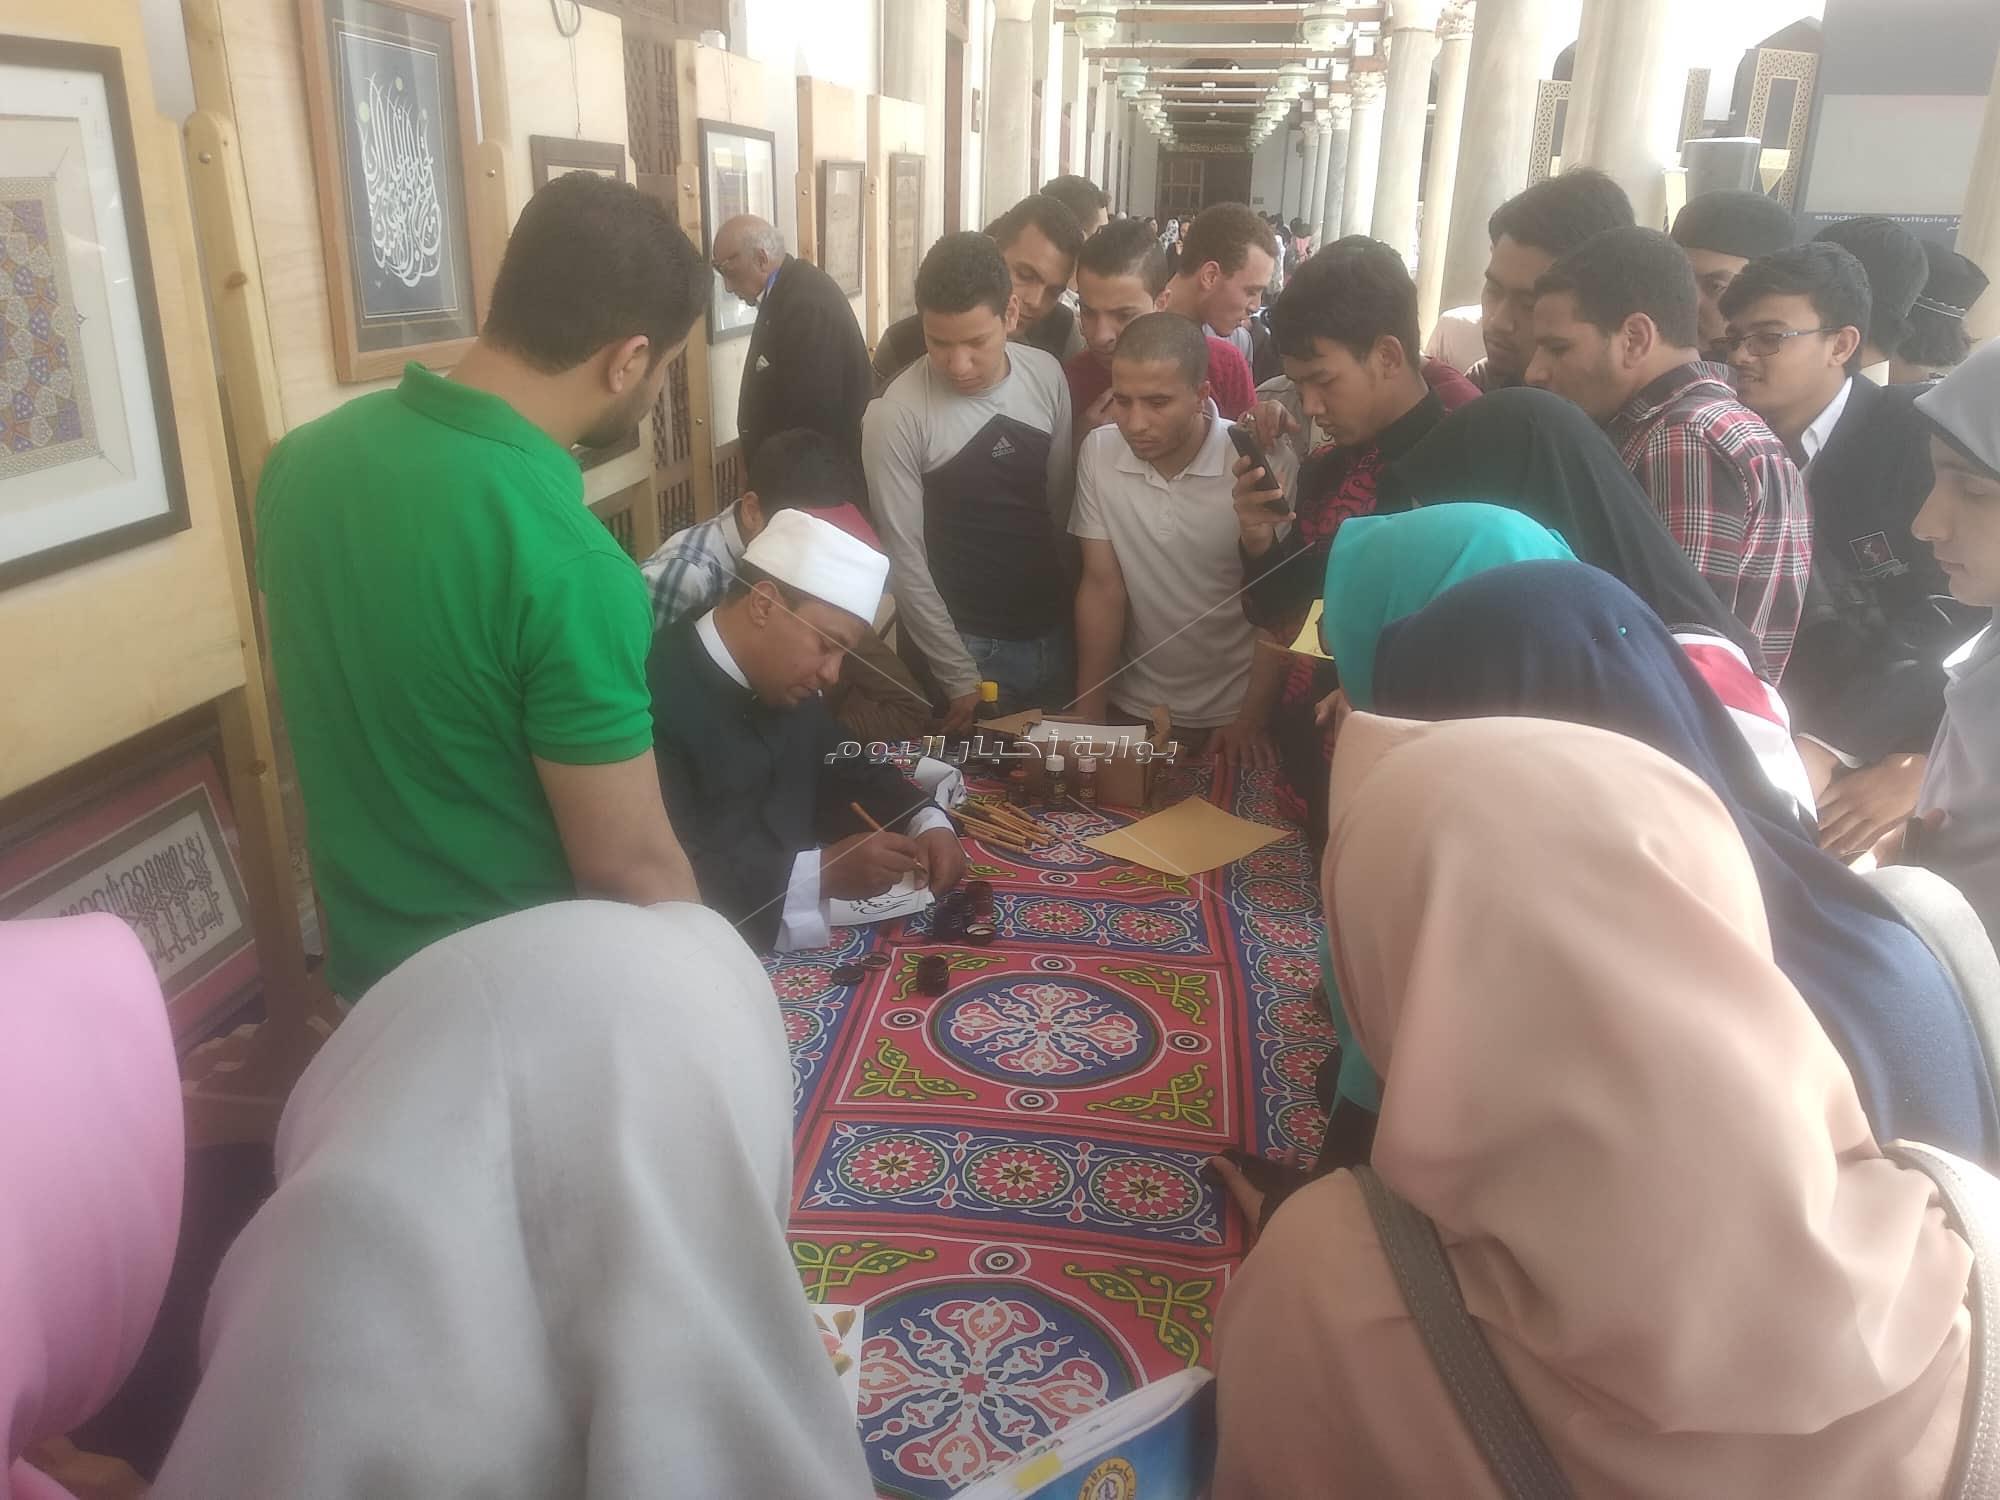 الجامع الأزهر يستقبل زواره بعدد من الفعاليات الفنية